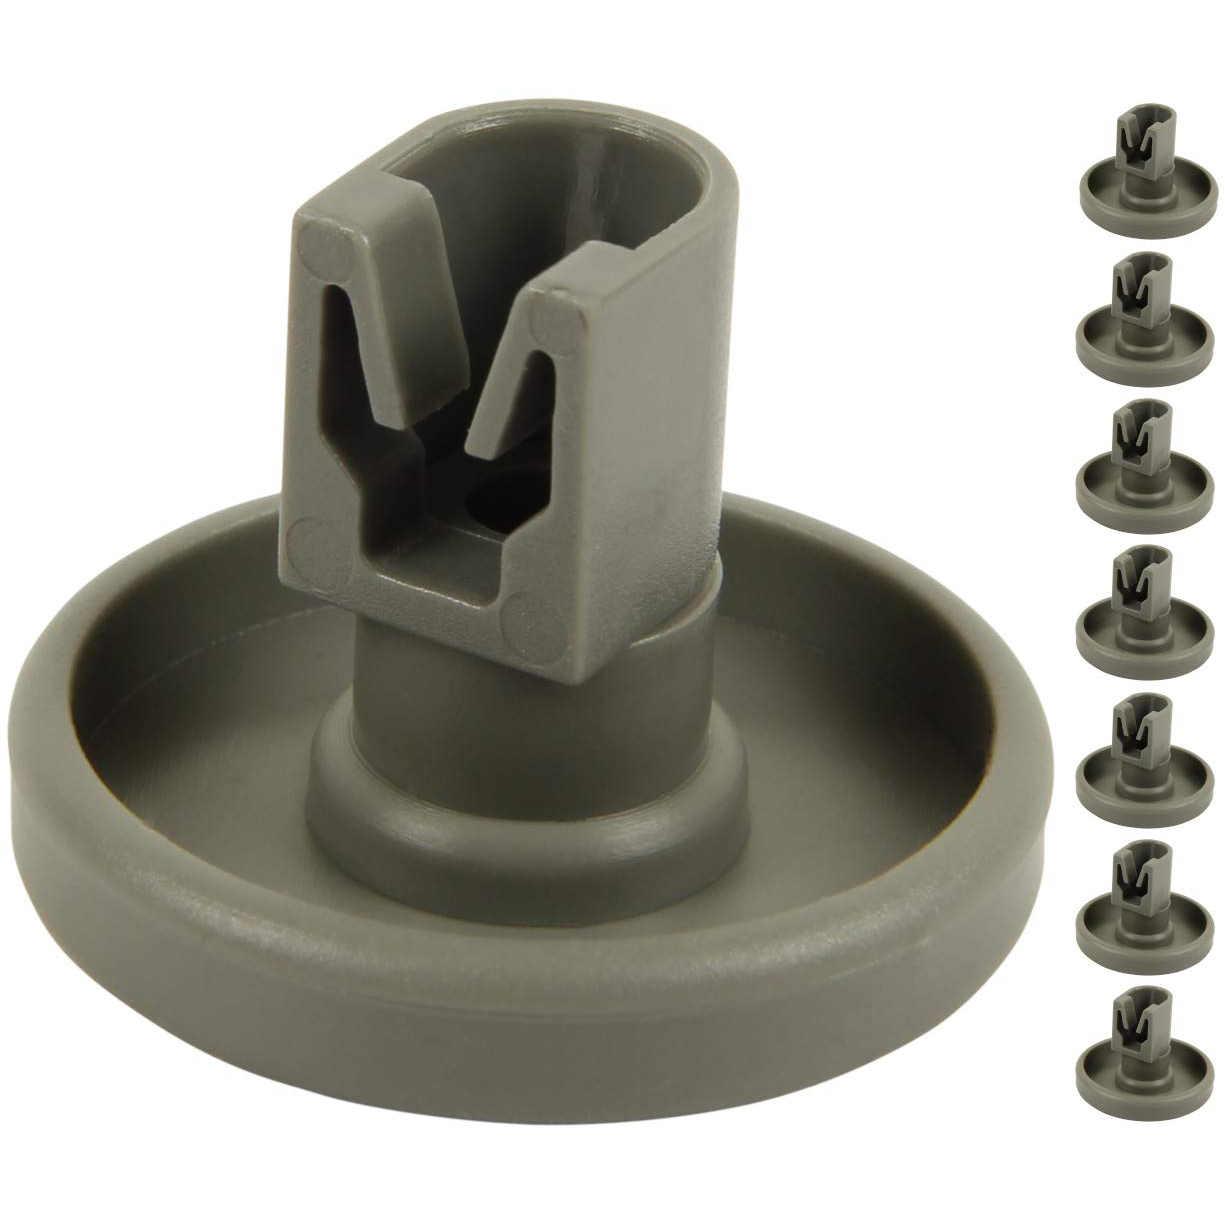 Содержимое корзин для посудомоечной машины: 8 шт. подходит для Aeg Favorit, Privileg, Zanussi и т. д.